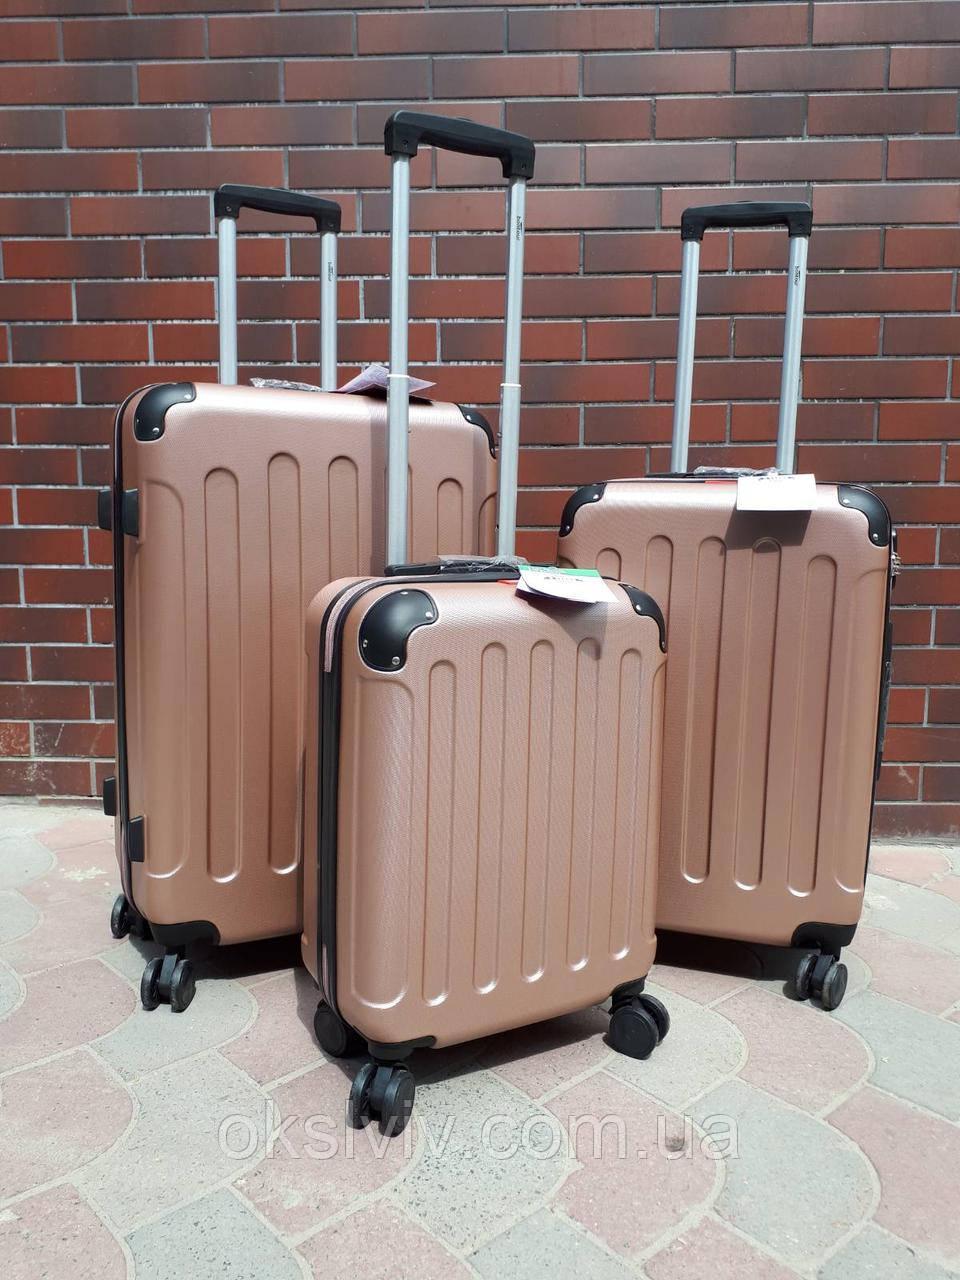 BONTOUR Італія 1100% полікарбонат валізи чемодани сумки на колесах